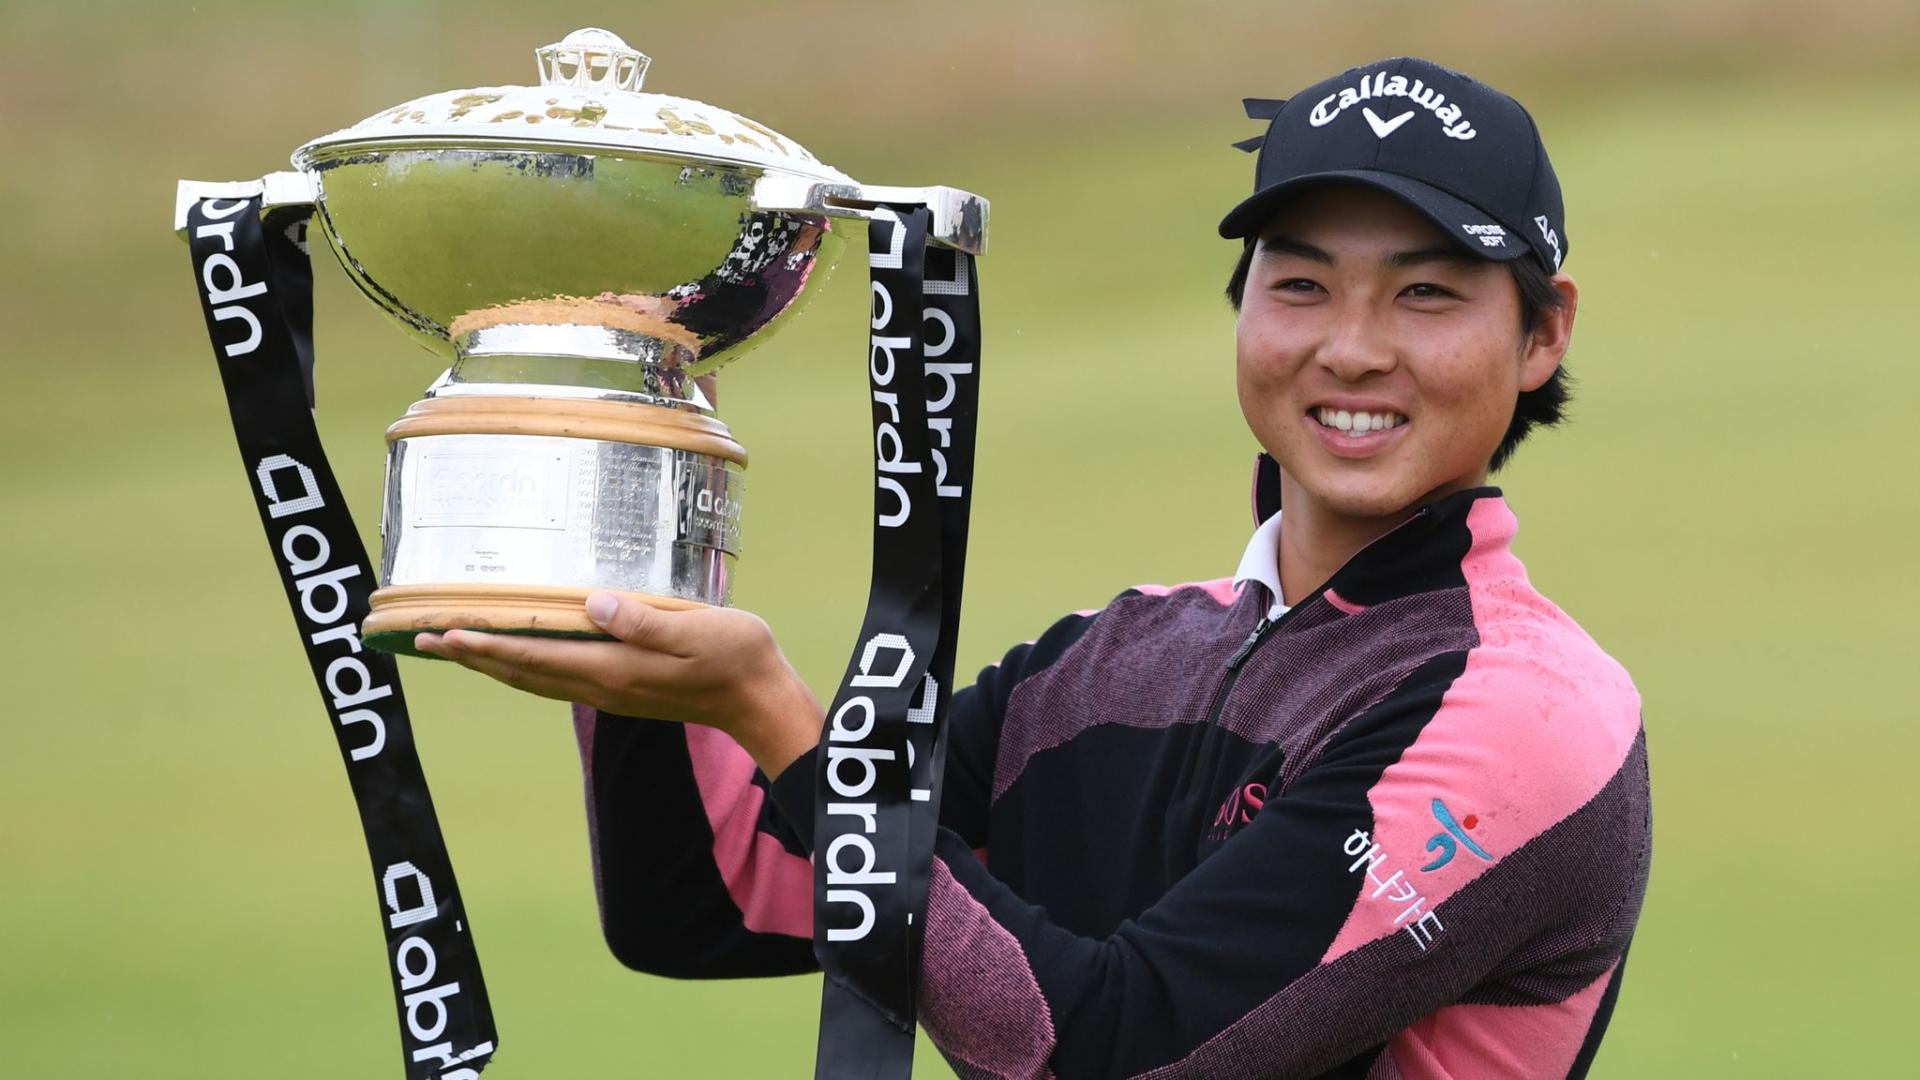 Min Woo Lee Scottish Open